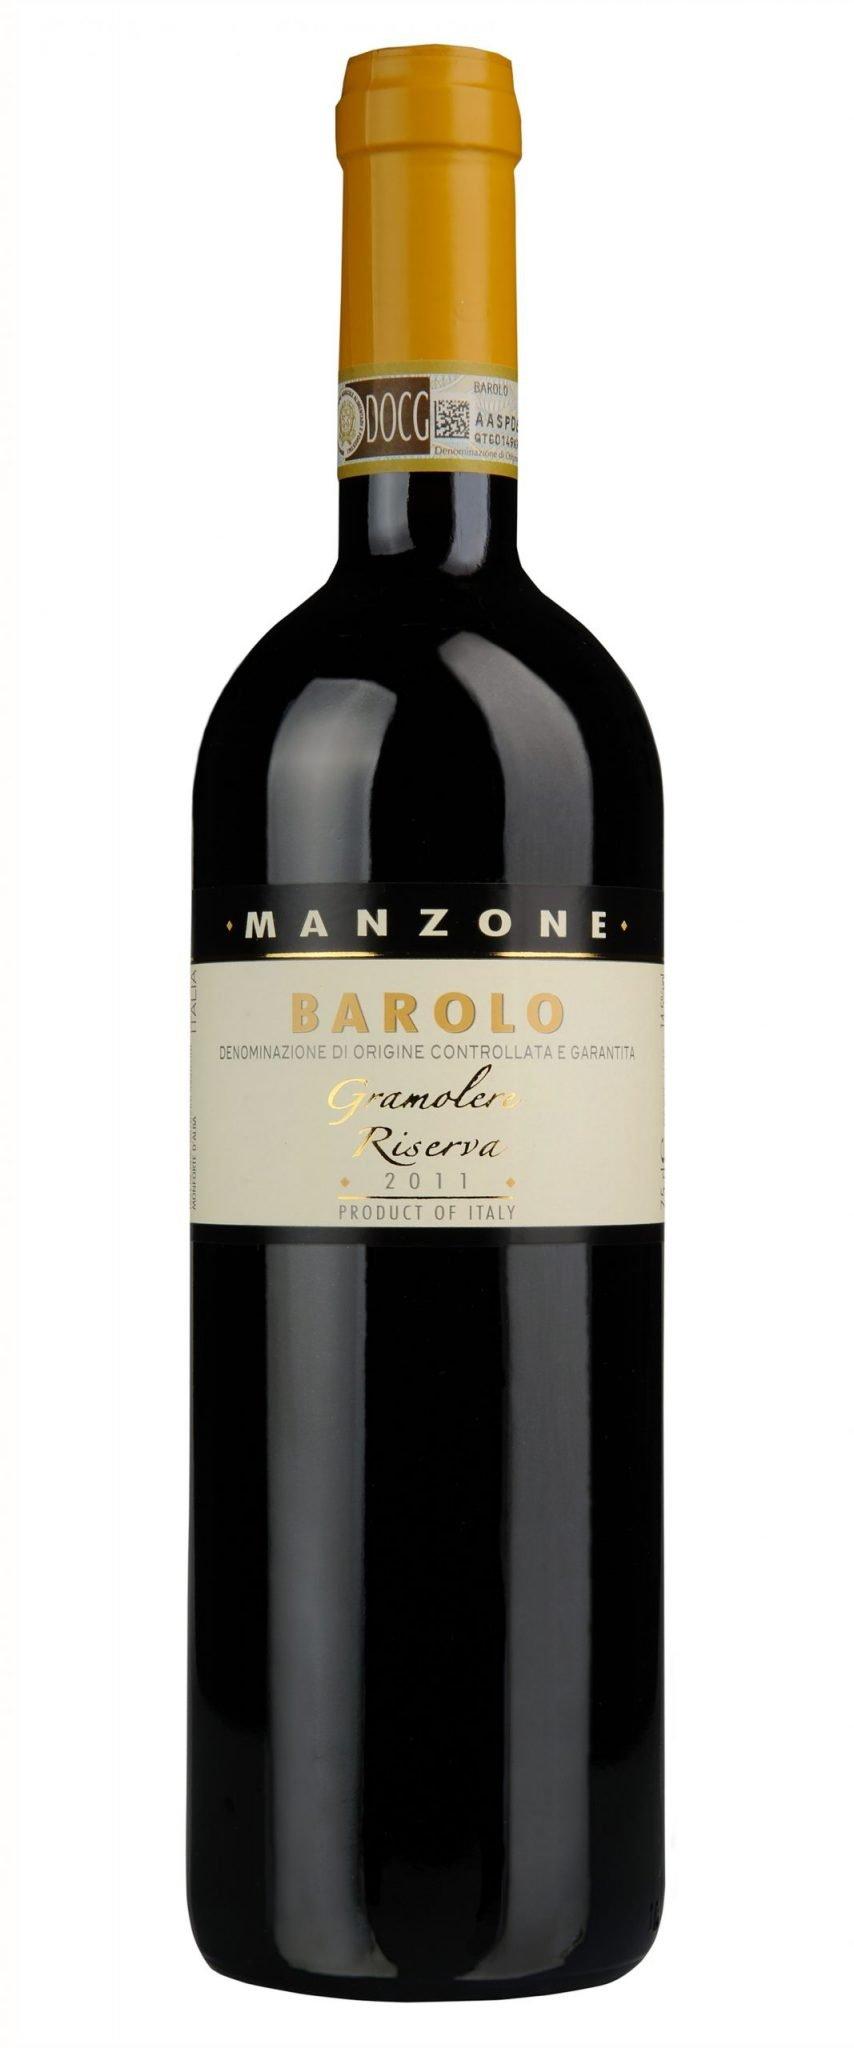 Giovanni Manzone 'Reserva Gramolere' Barolo DOCG 2008 (enMagnum – 1500ml)